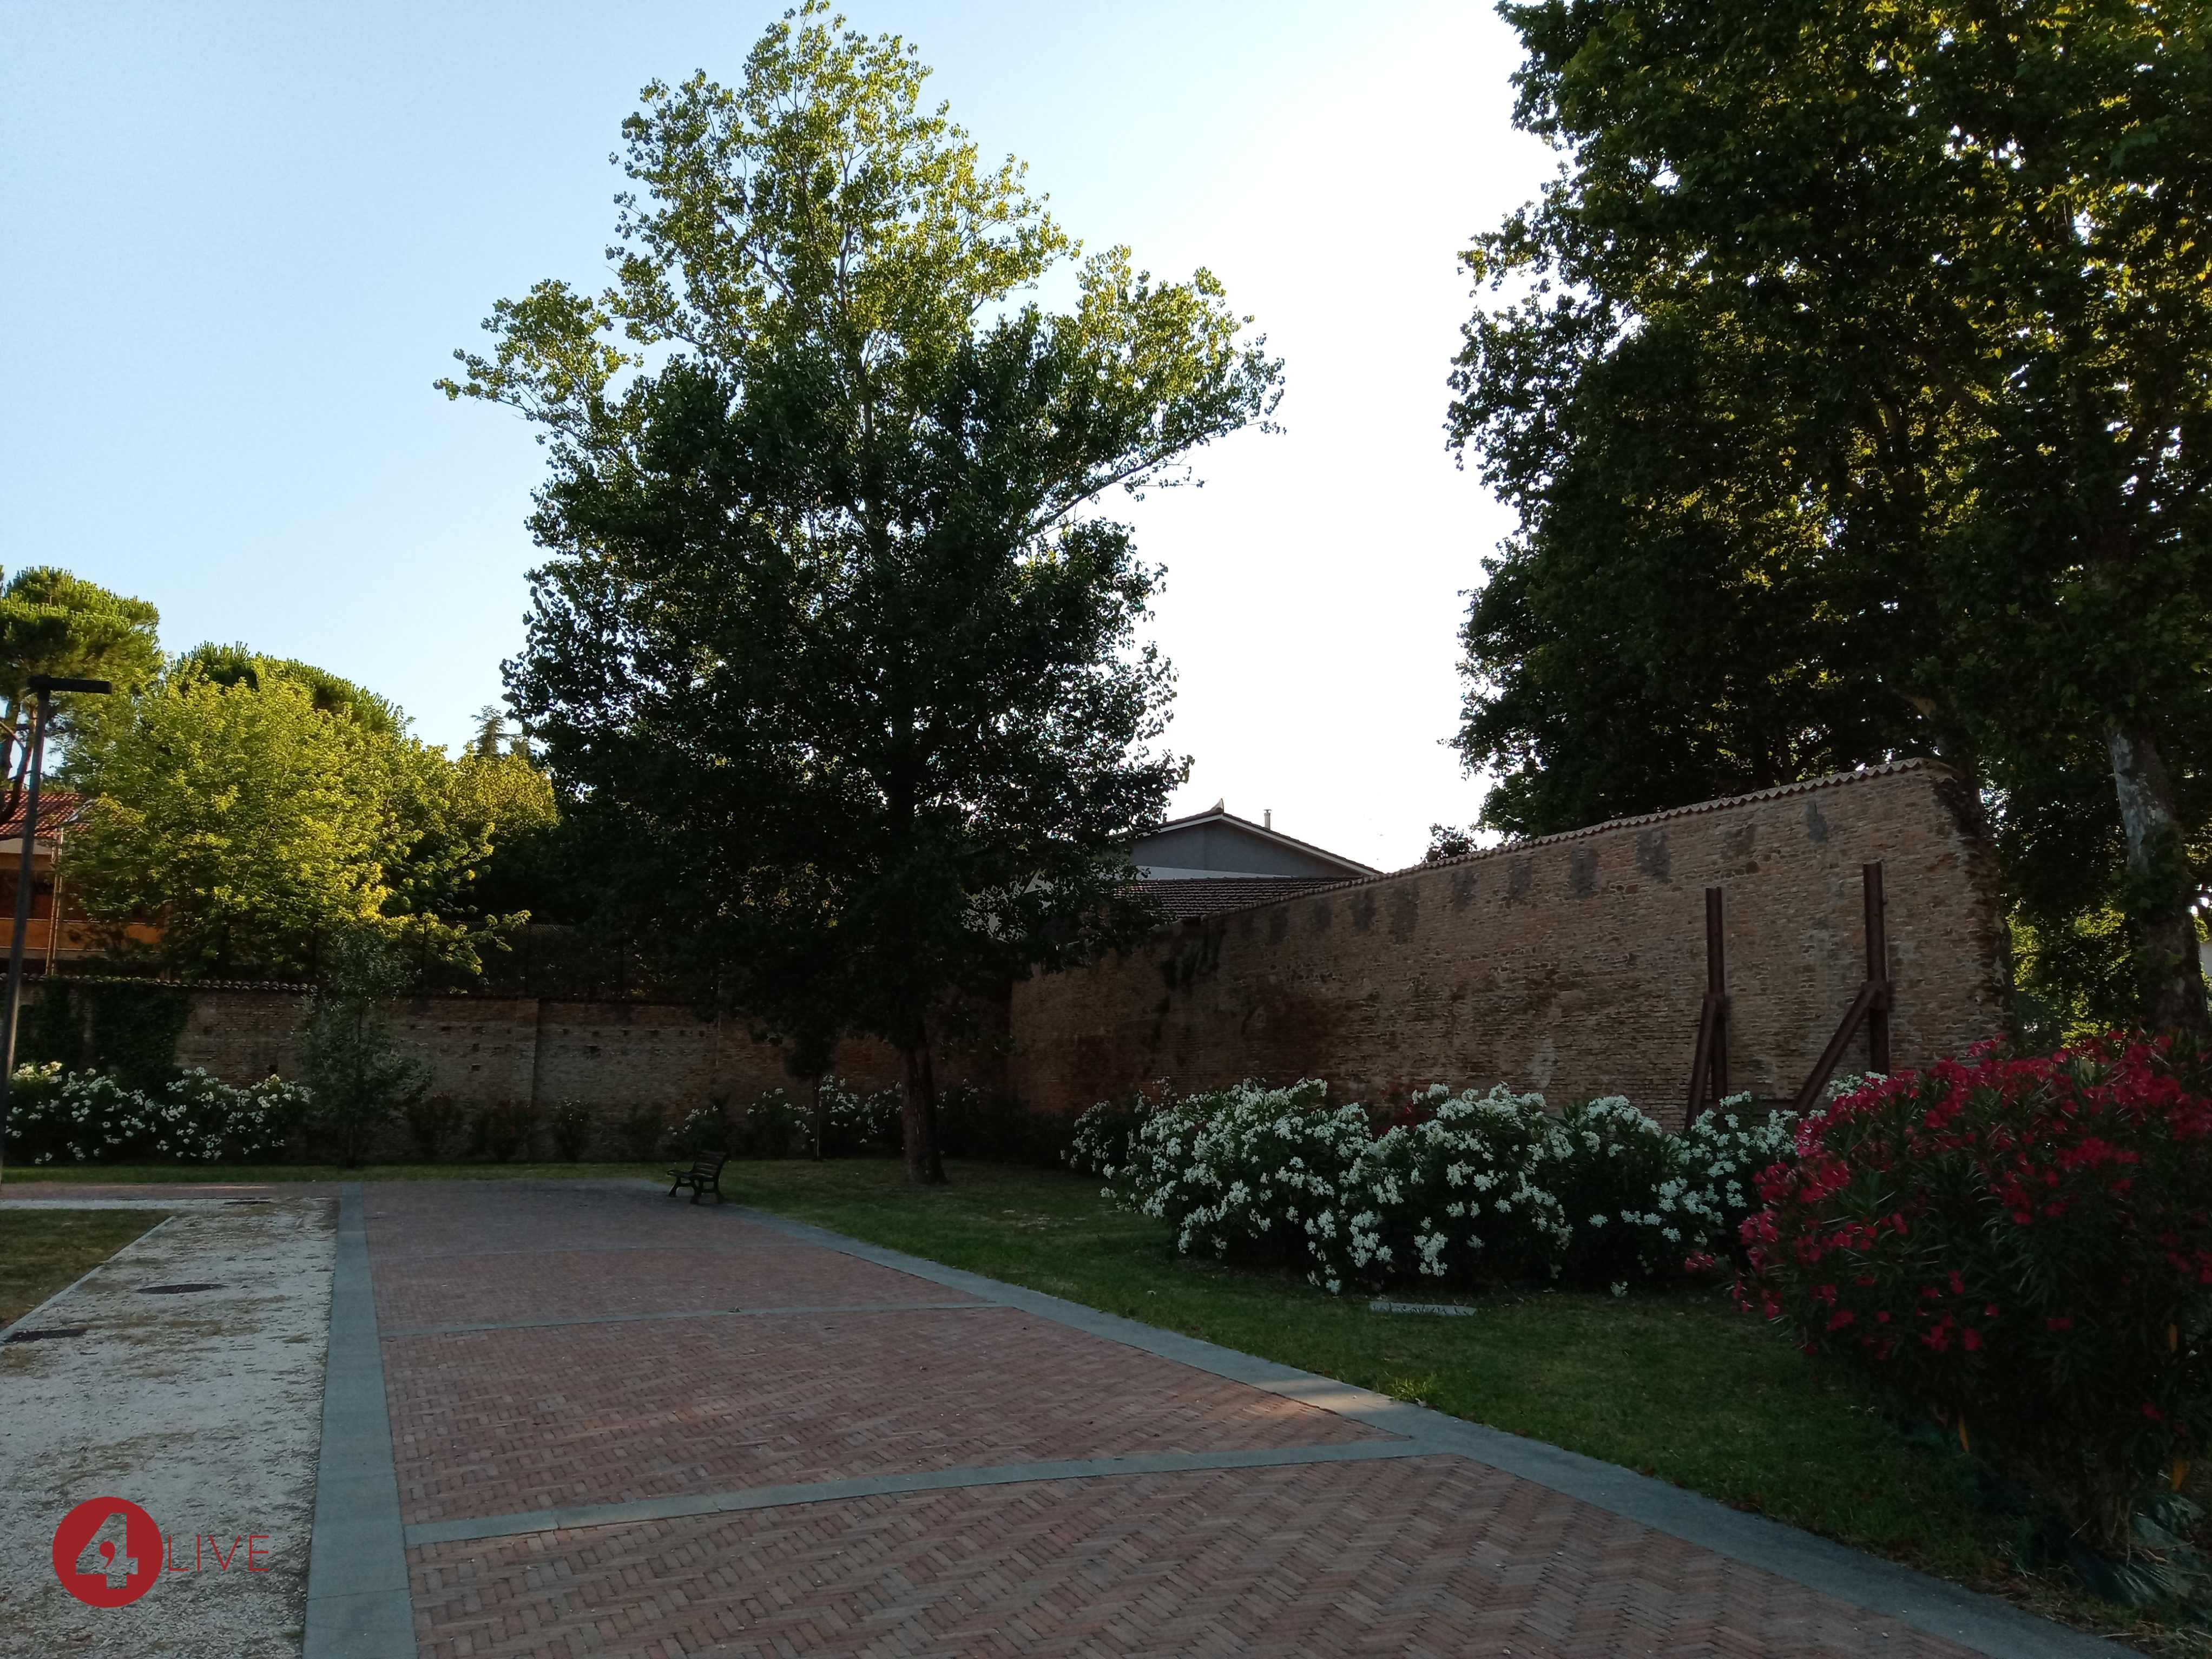 Mura-Santa-Chiara